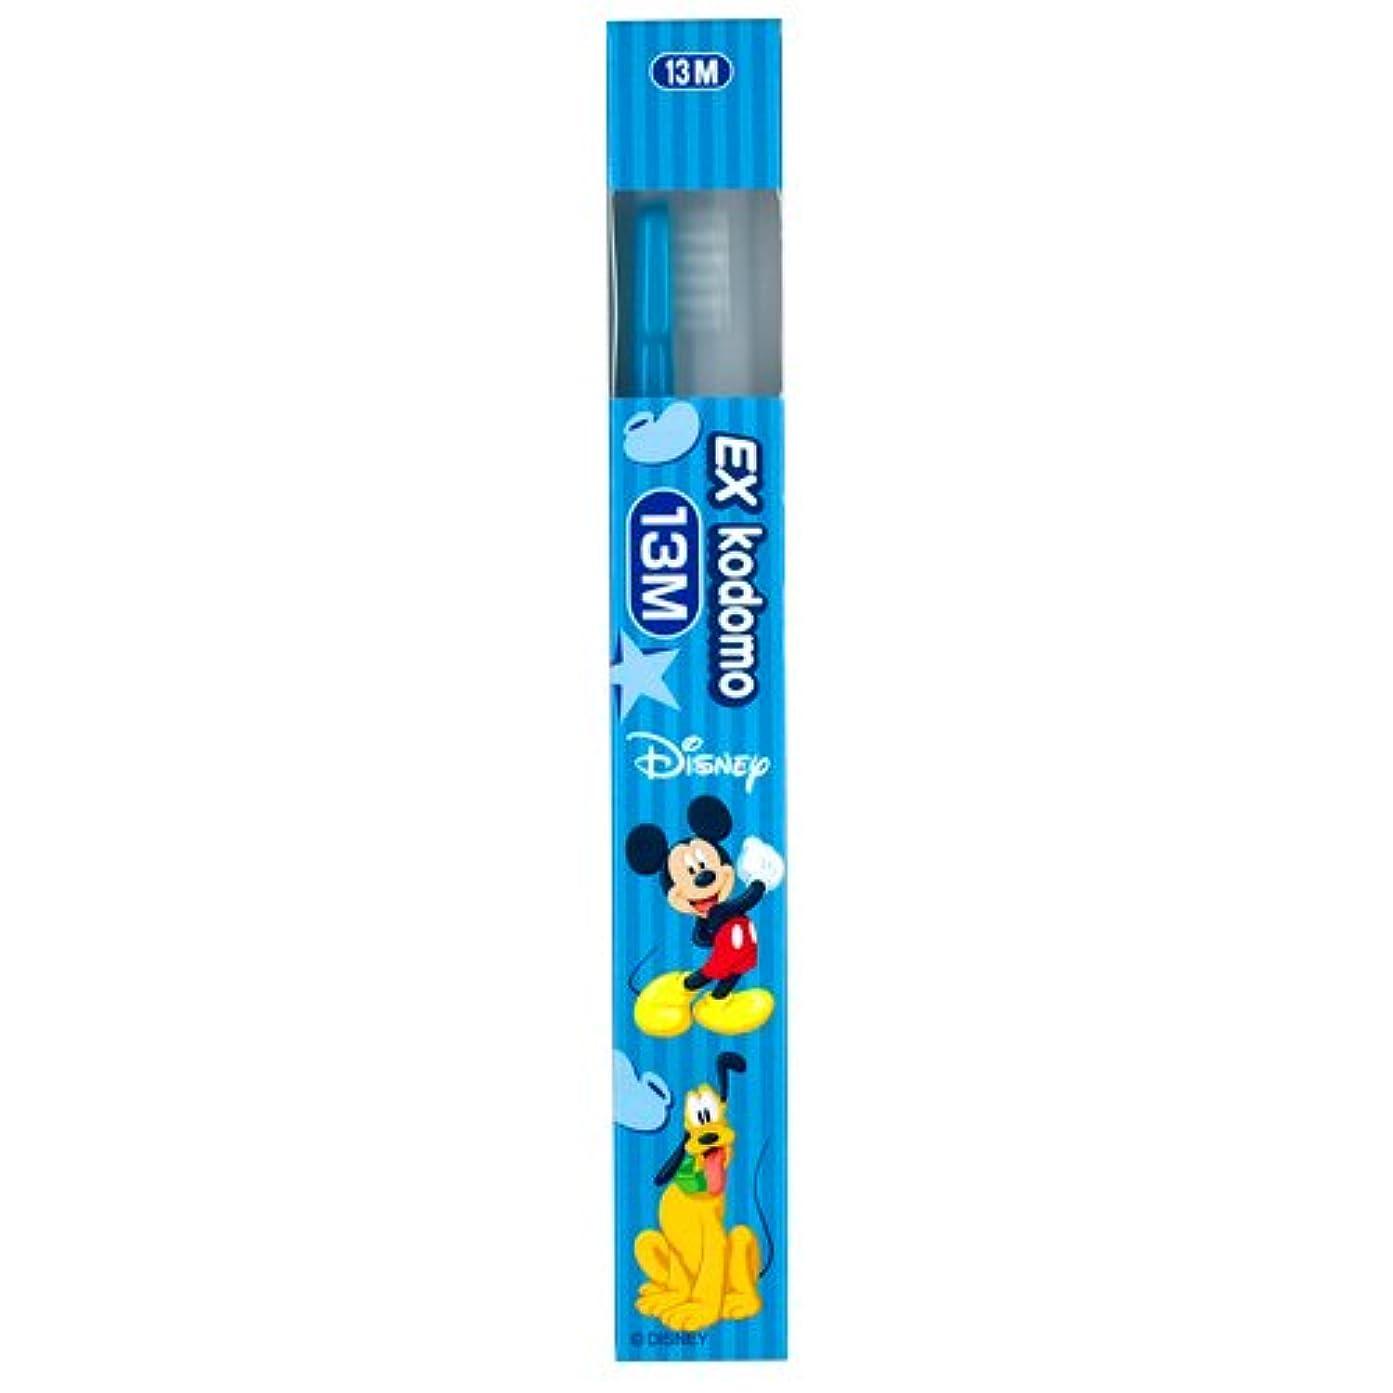 何でも文房具暴露するライオン EX kodomo ディズニー 歯ブラシ 1本 13M ブルー